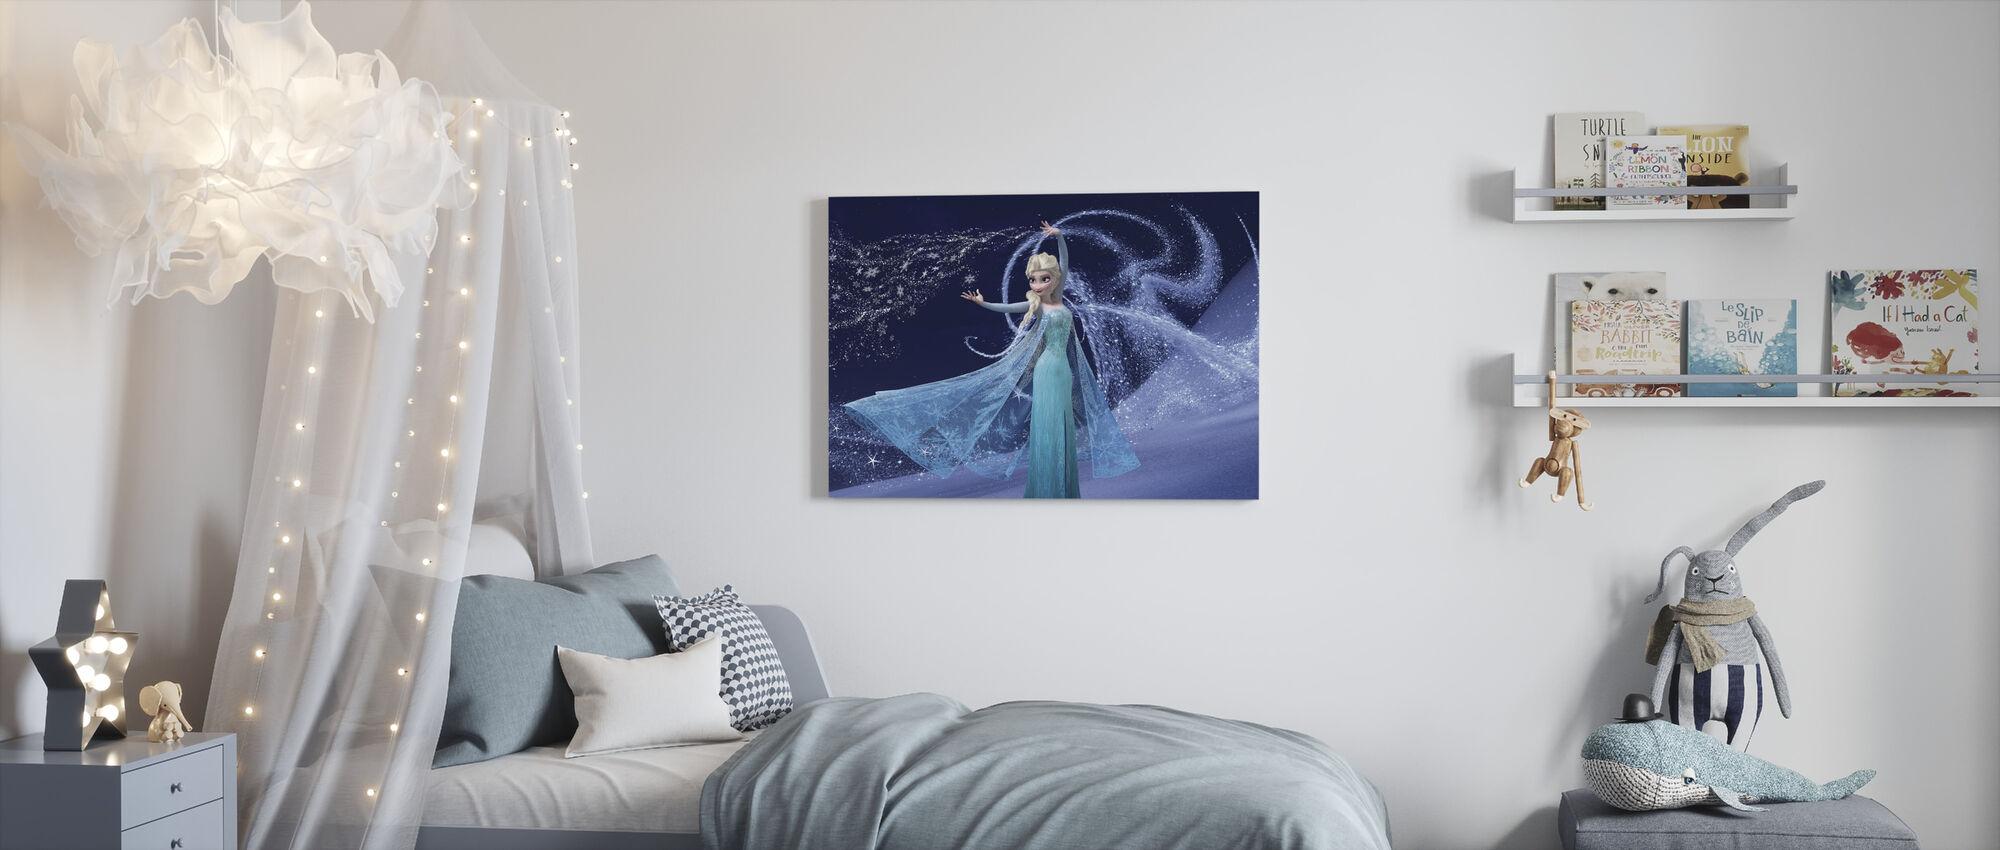 Fryst - Magic Elsa - Canvastavla - Barnrum